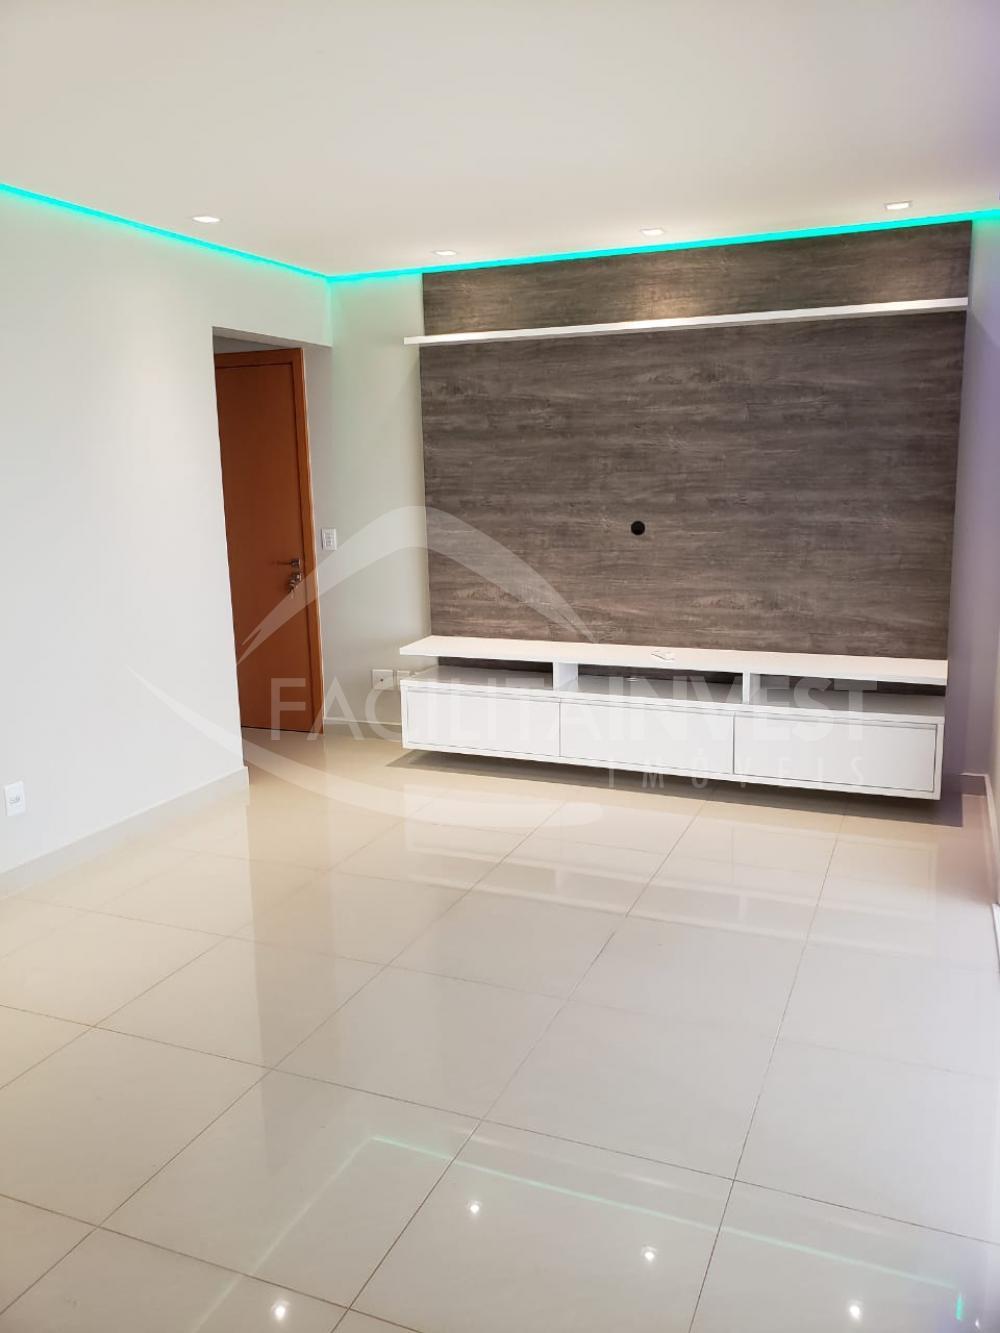 Alugar Apartamentos / Apart. Padrão em Ribeirão Preto apenas R$ 3.300,00 - Foto 7